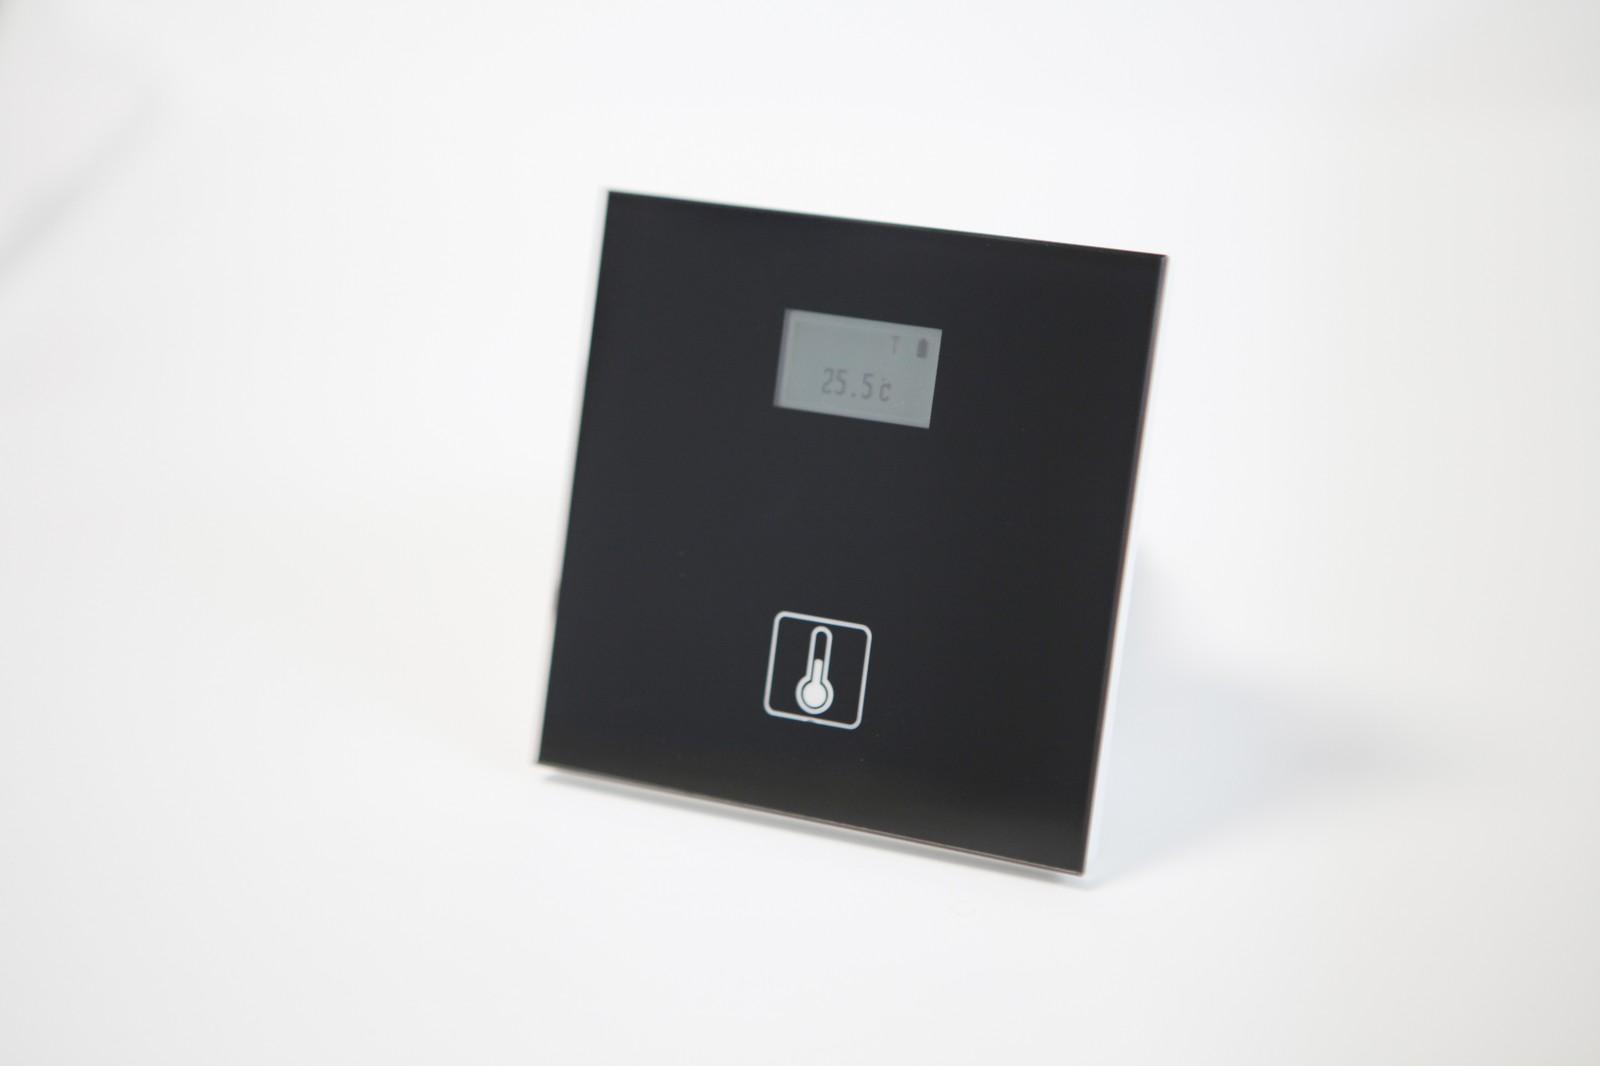 86盒室温采集器